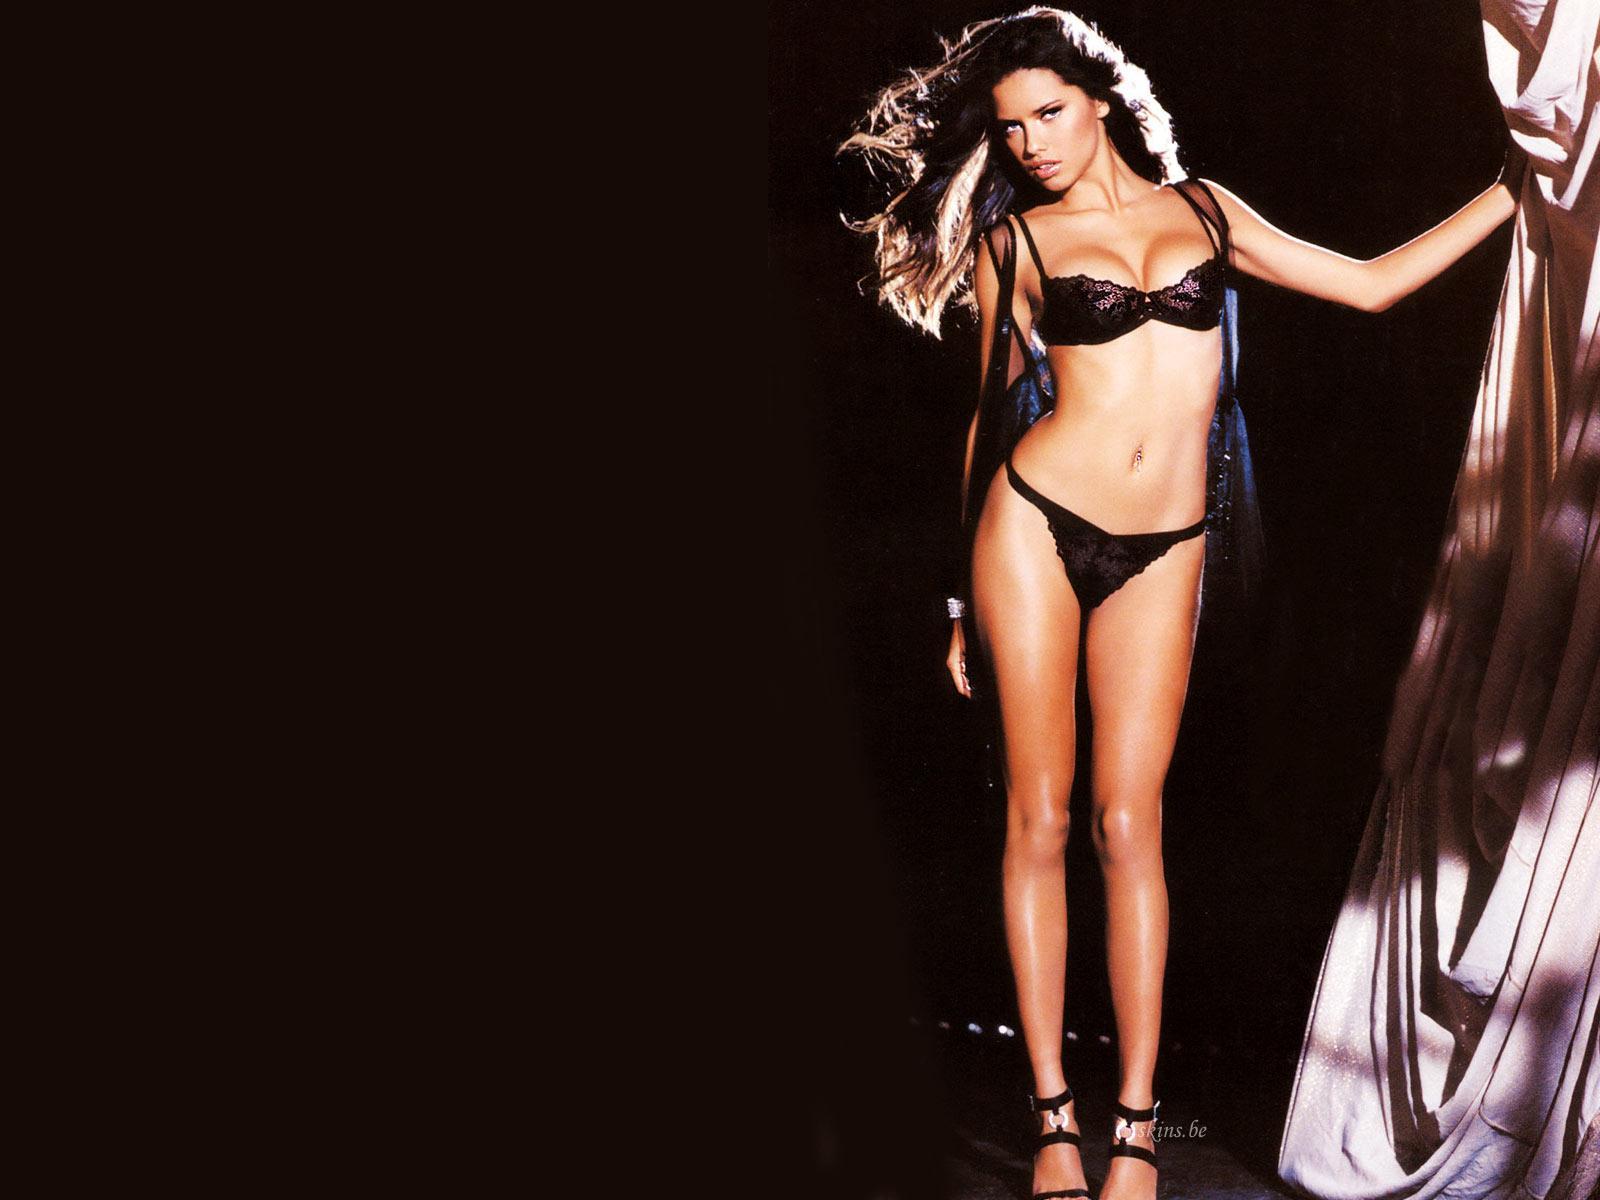 http://1.bp.blogspot.com/_v5h2qxDB1io/TSbOHwH4mMI/AAAAAAAAA7o/rzqQHIoEhdk/s1600/Adriana+Lima_11.jpg